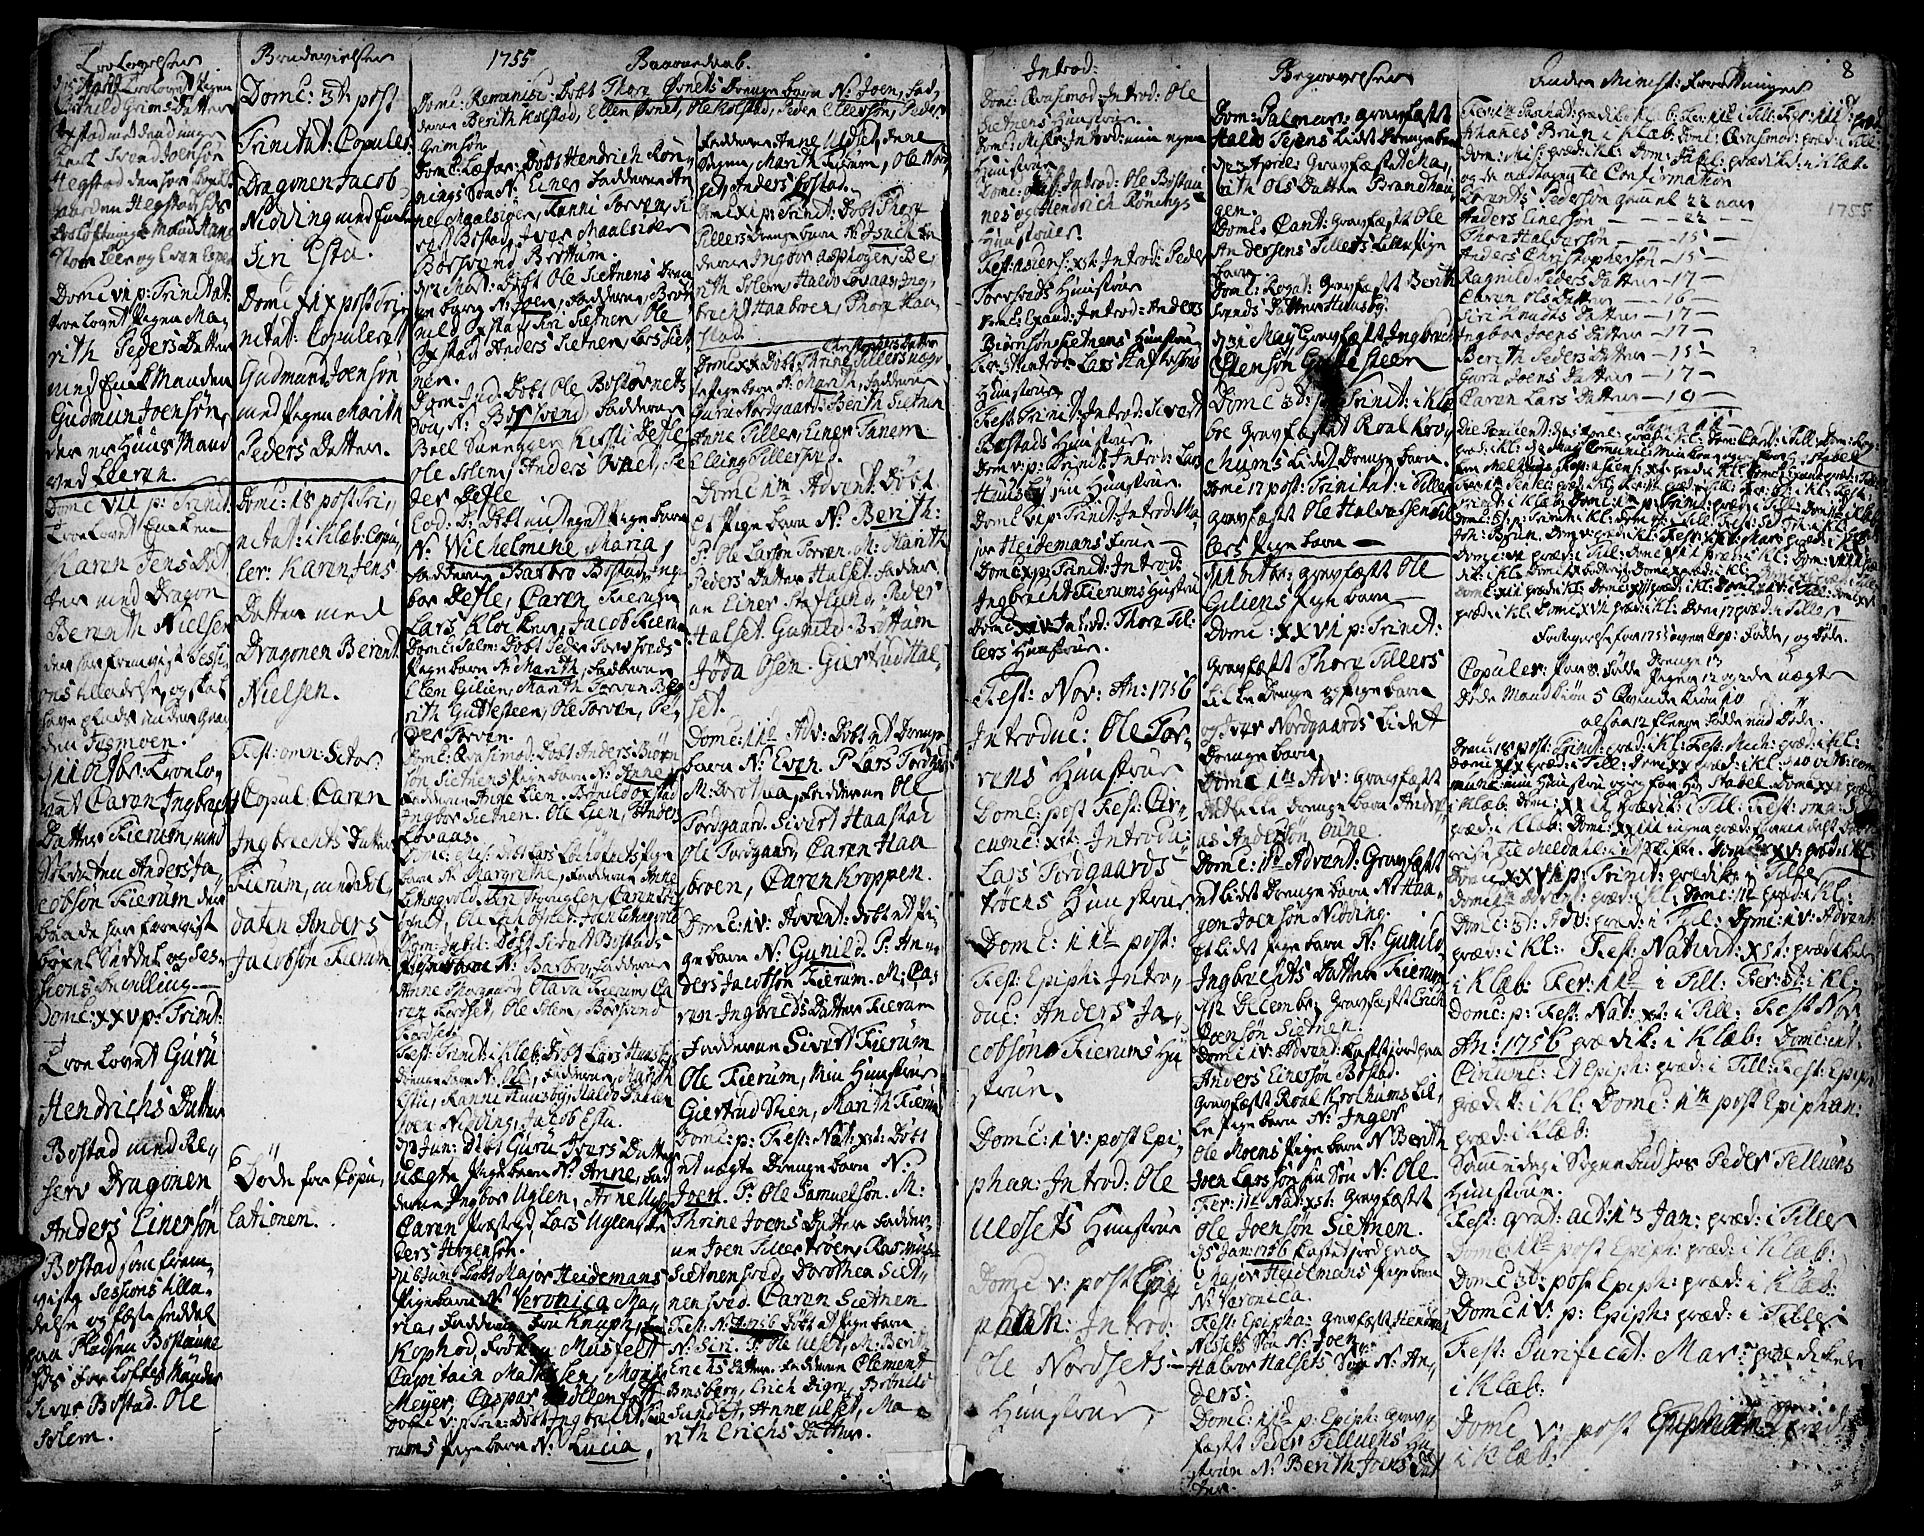 SAT, Ministerialprotokoller, klokkerbøker og fødselsregistre - Sør-Trøndelag, 618/L0437: Ministerialbok nr. 618A02, 1749-1782, s. 8